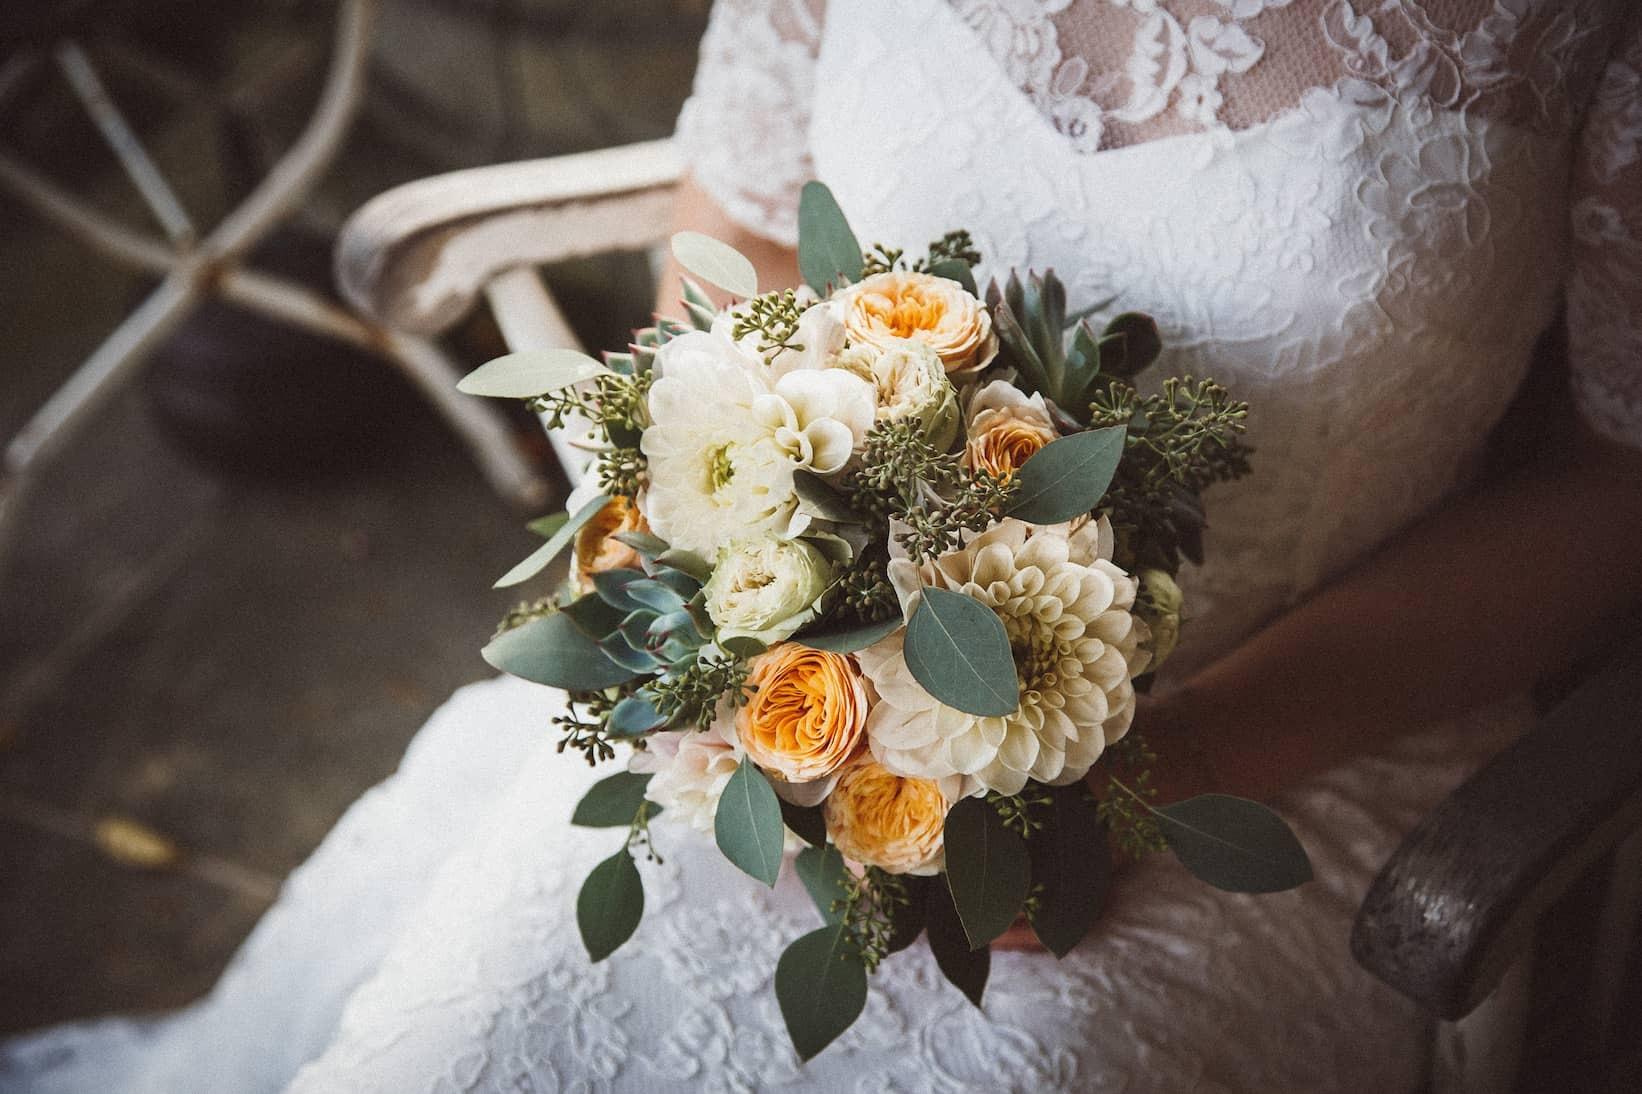 Hochzeit von Jennifer und Stefan in Münster: Braut die ihren Brautstrauß festhält.